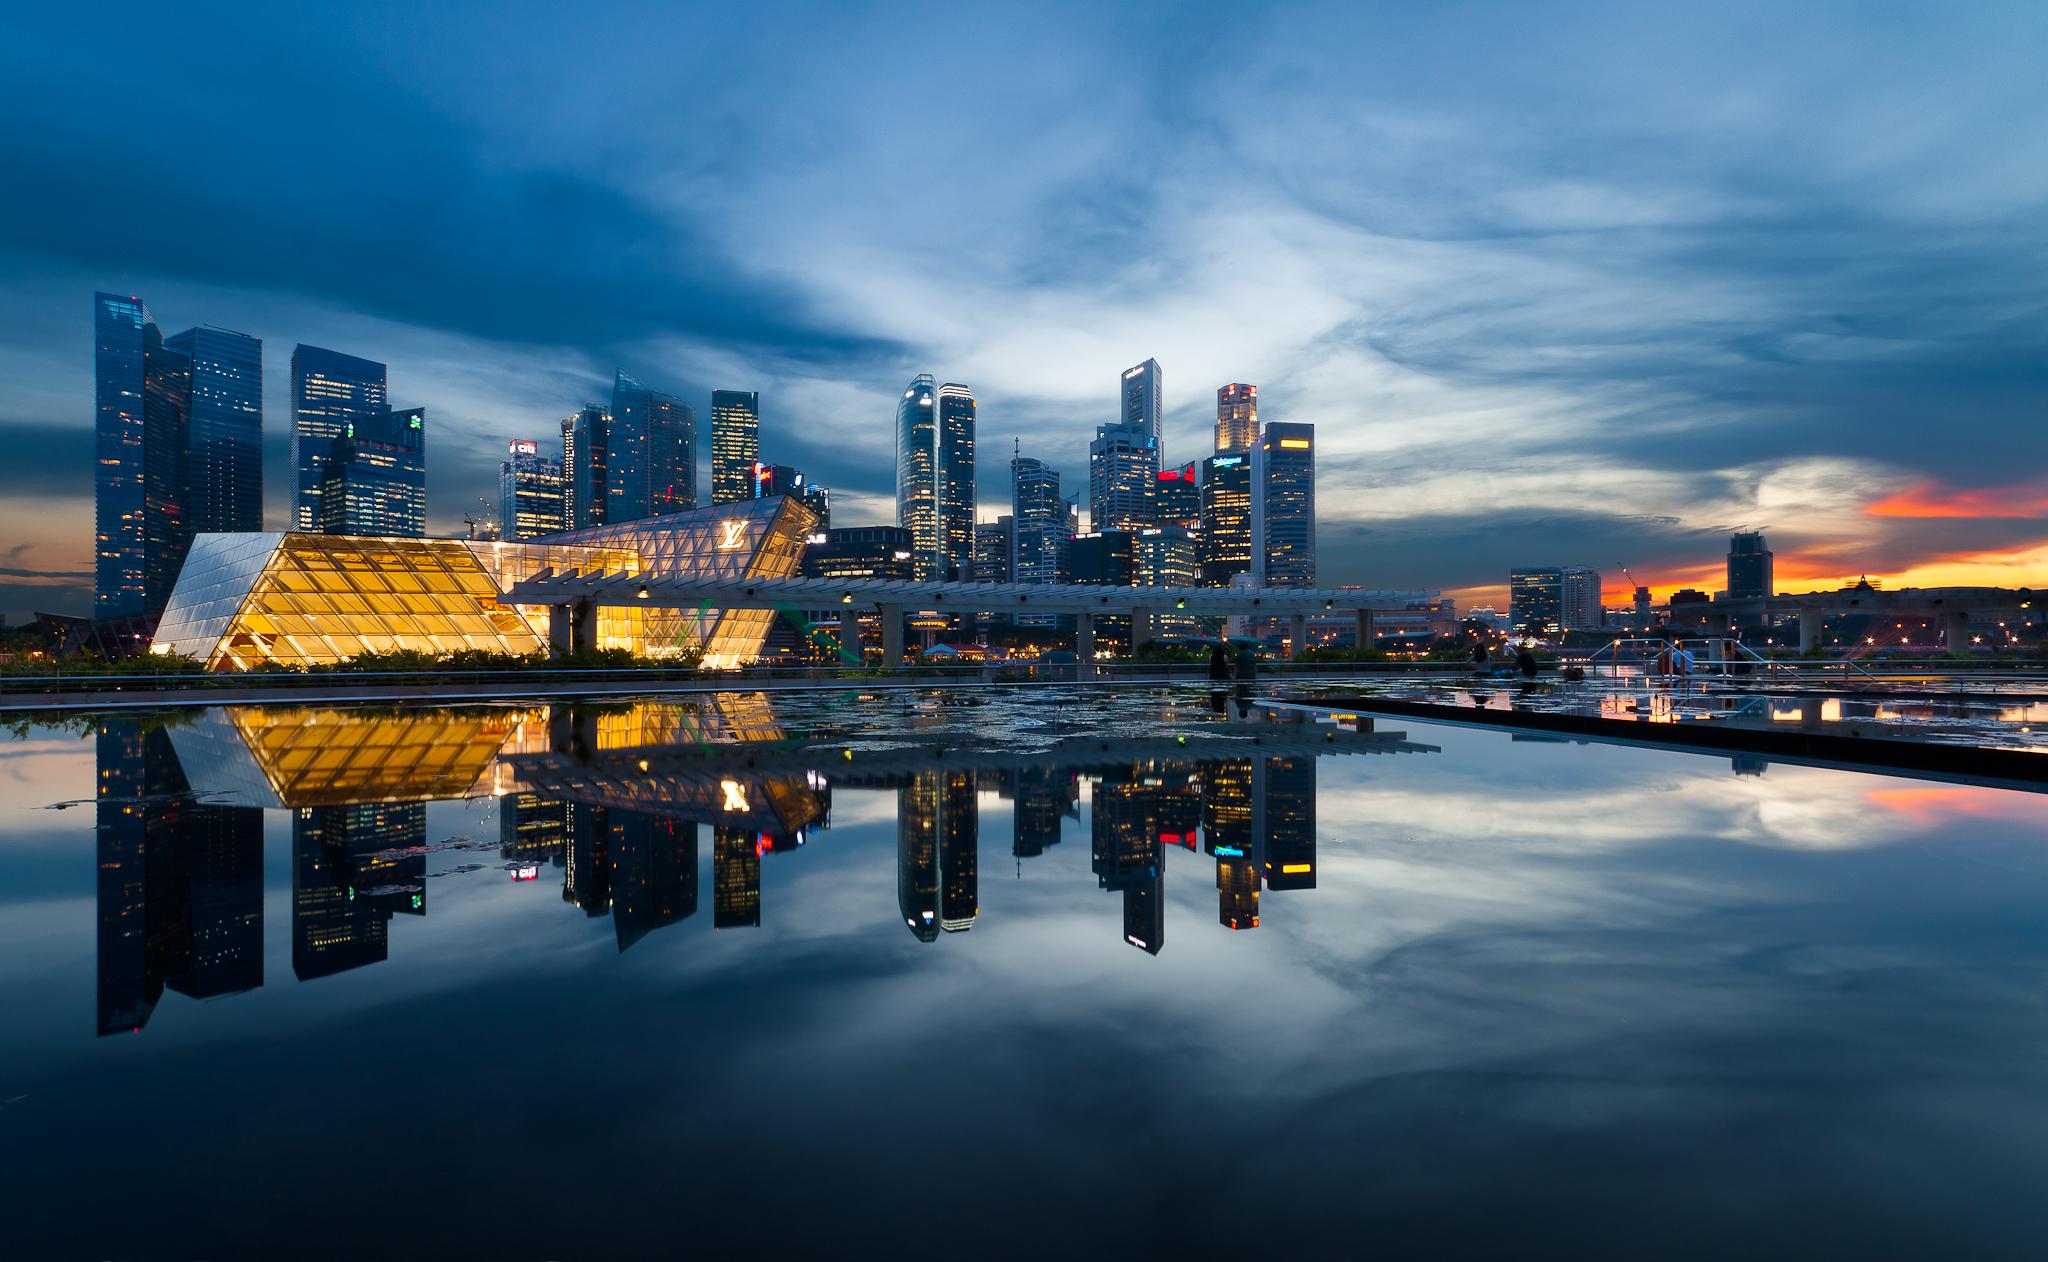 Wallpaper Sunset City Cityscape Night Singapore Water